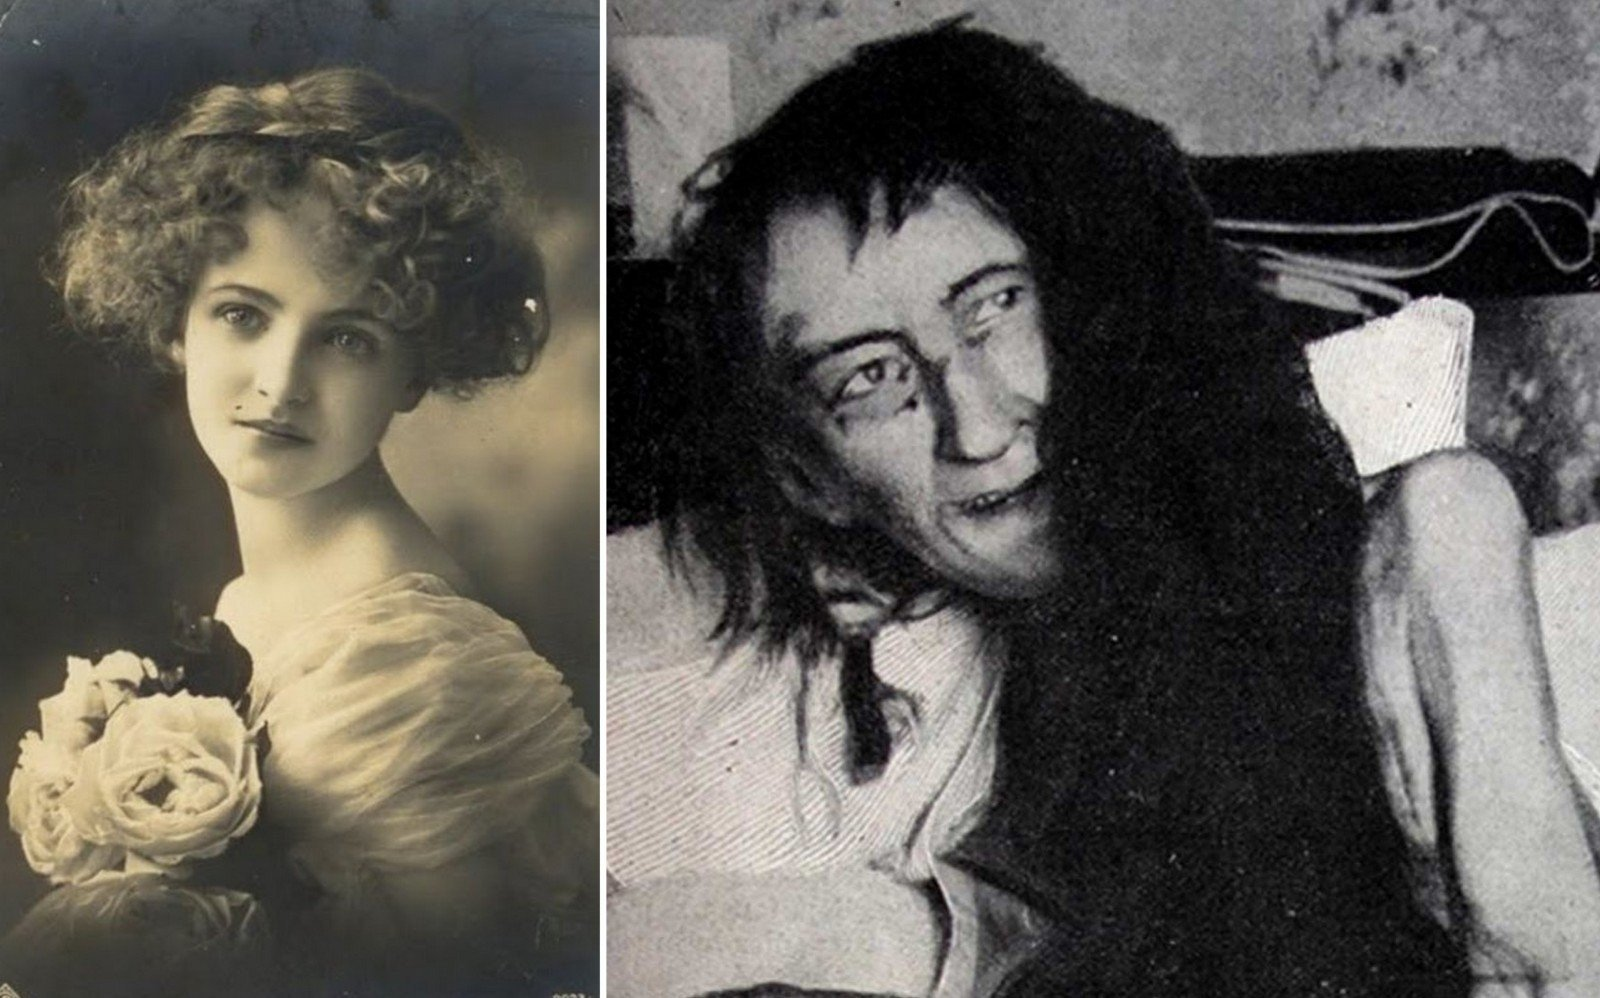 داستان بلانش مونیه؛ دختر فرانسوی که ۲۵ سال به خاطر عشق در خانه محبوس شد